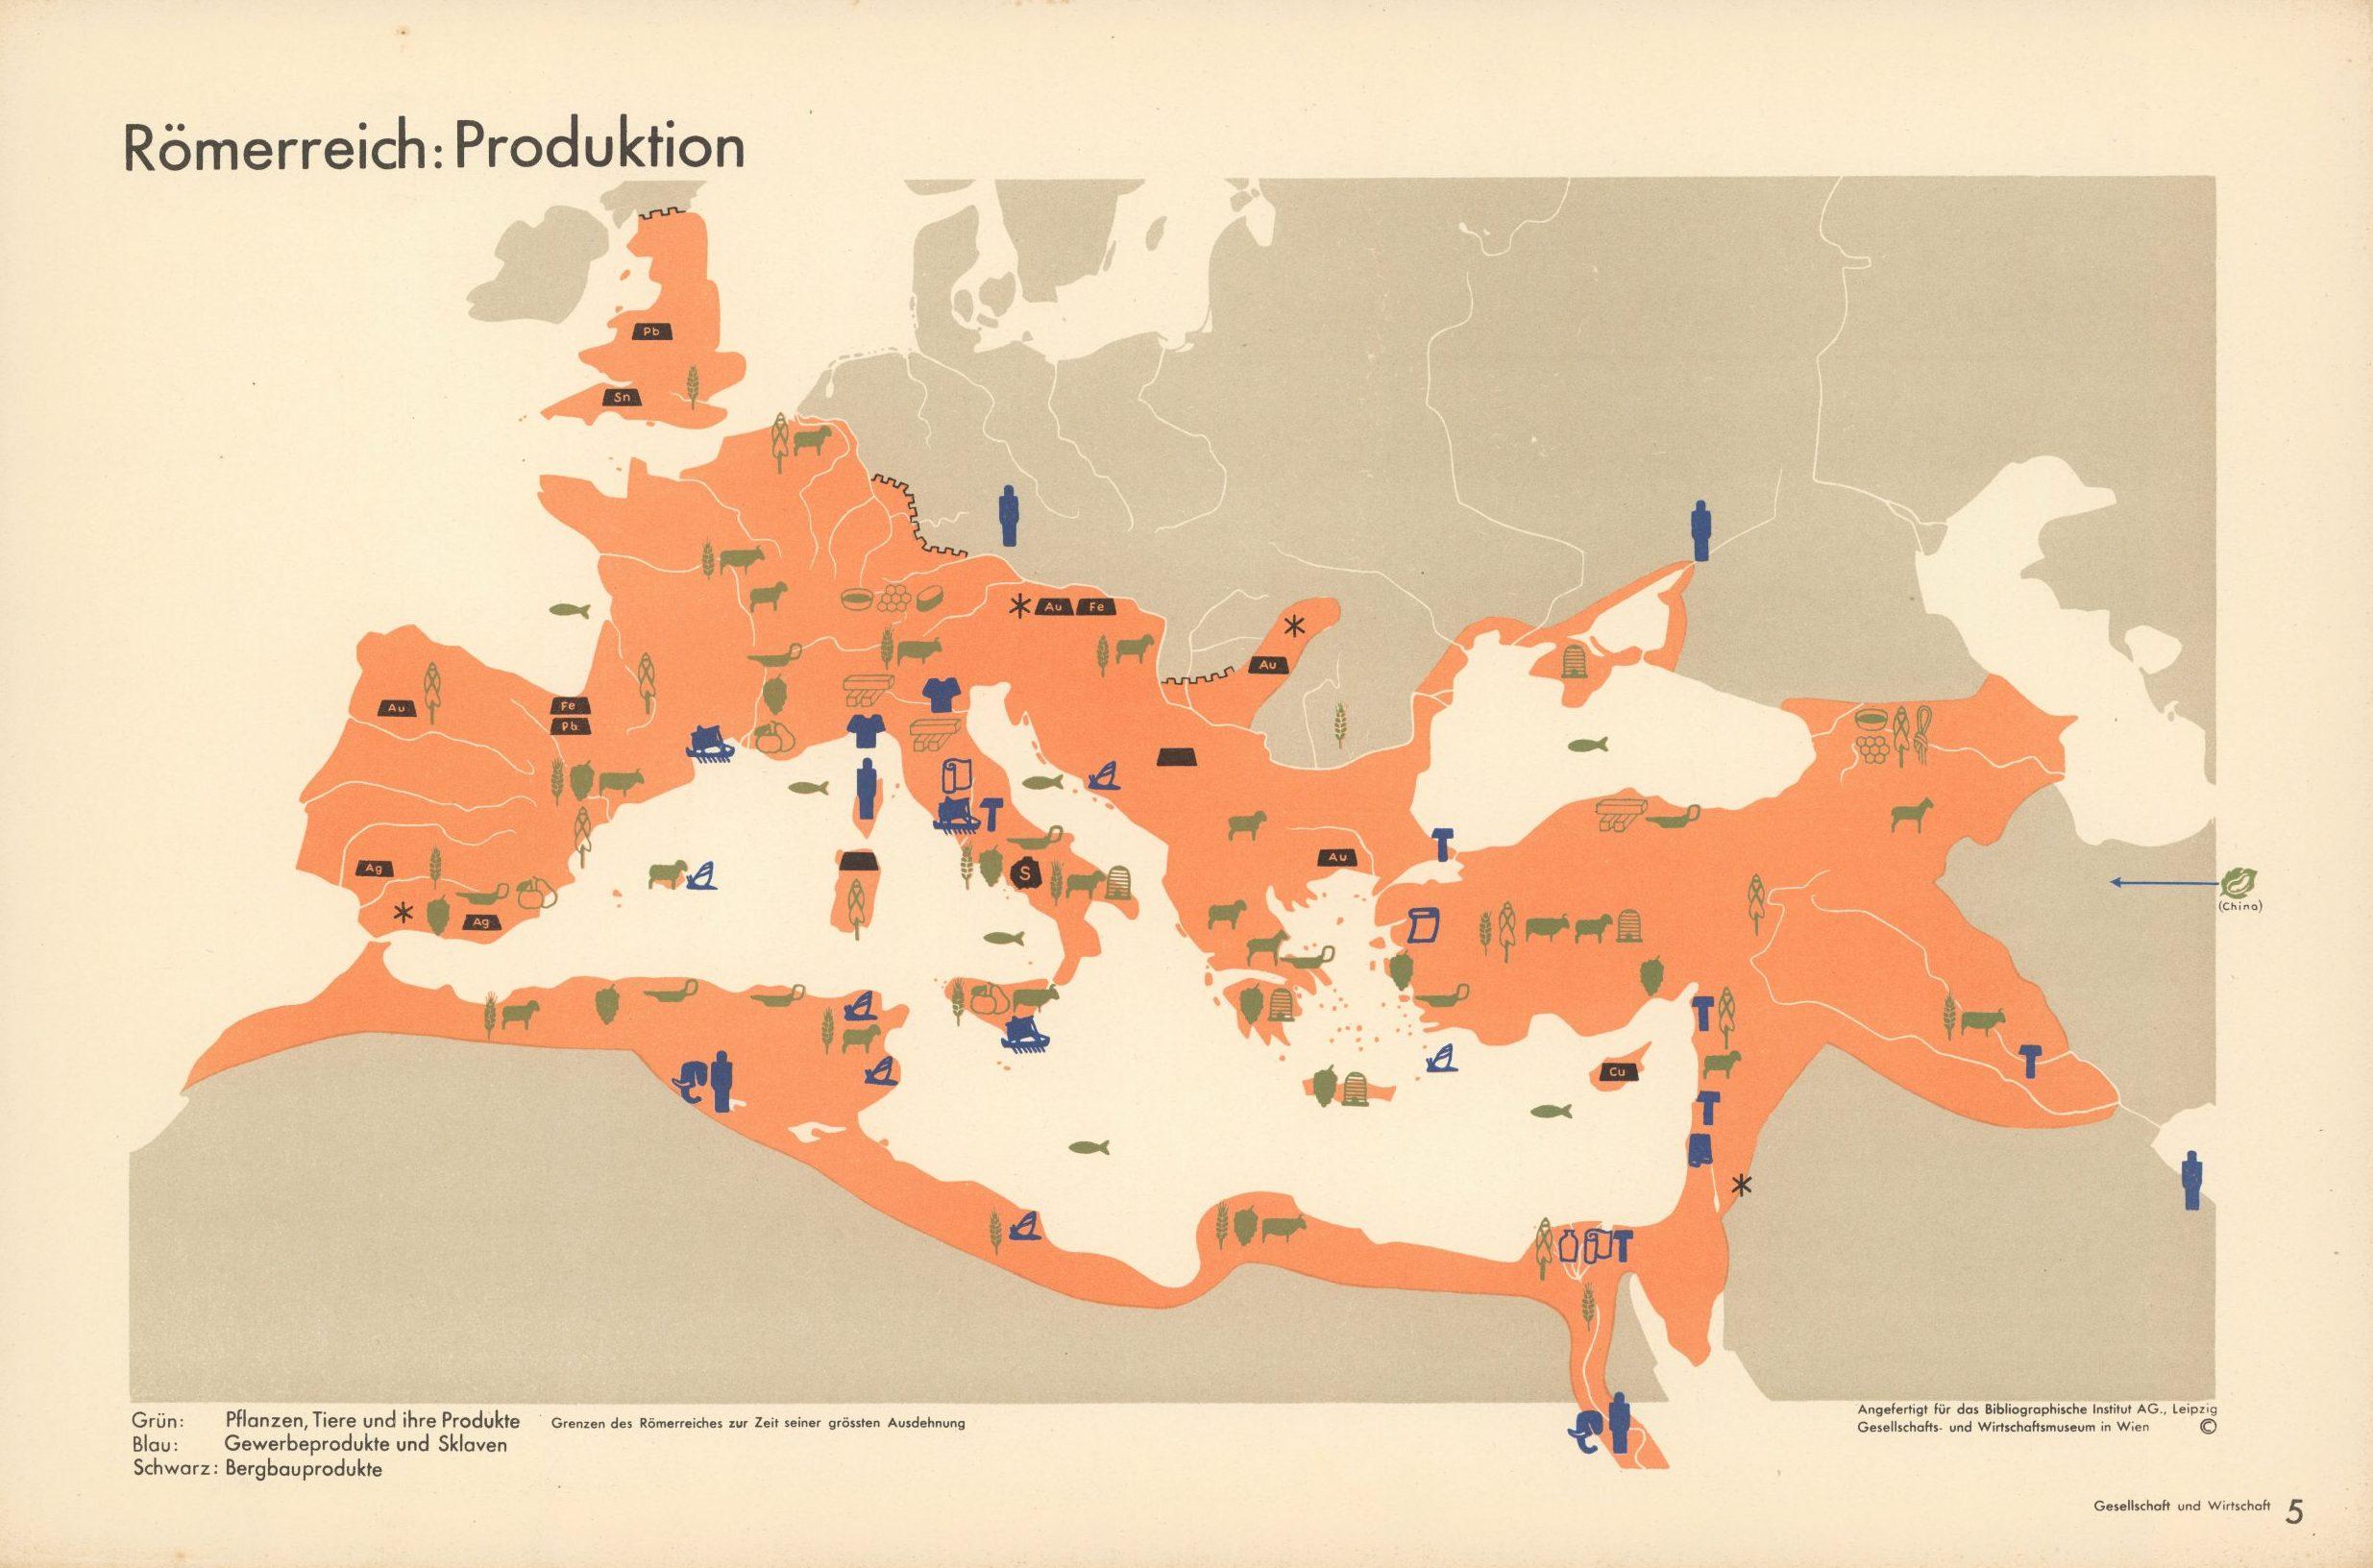 Römerreich: Produktion. (Roman Empire: production) Isotype Otto Neurath